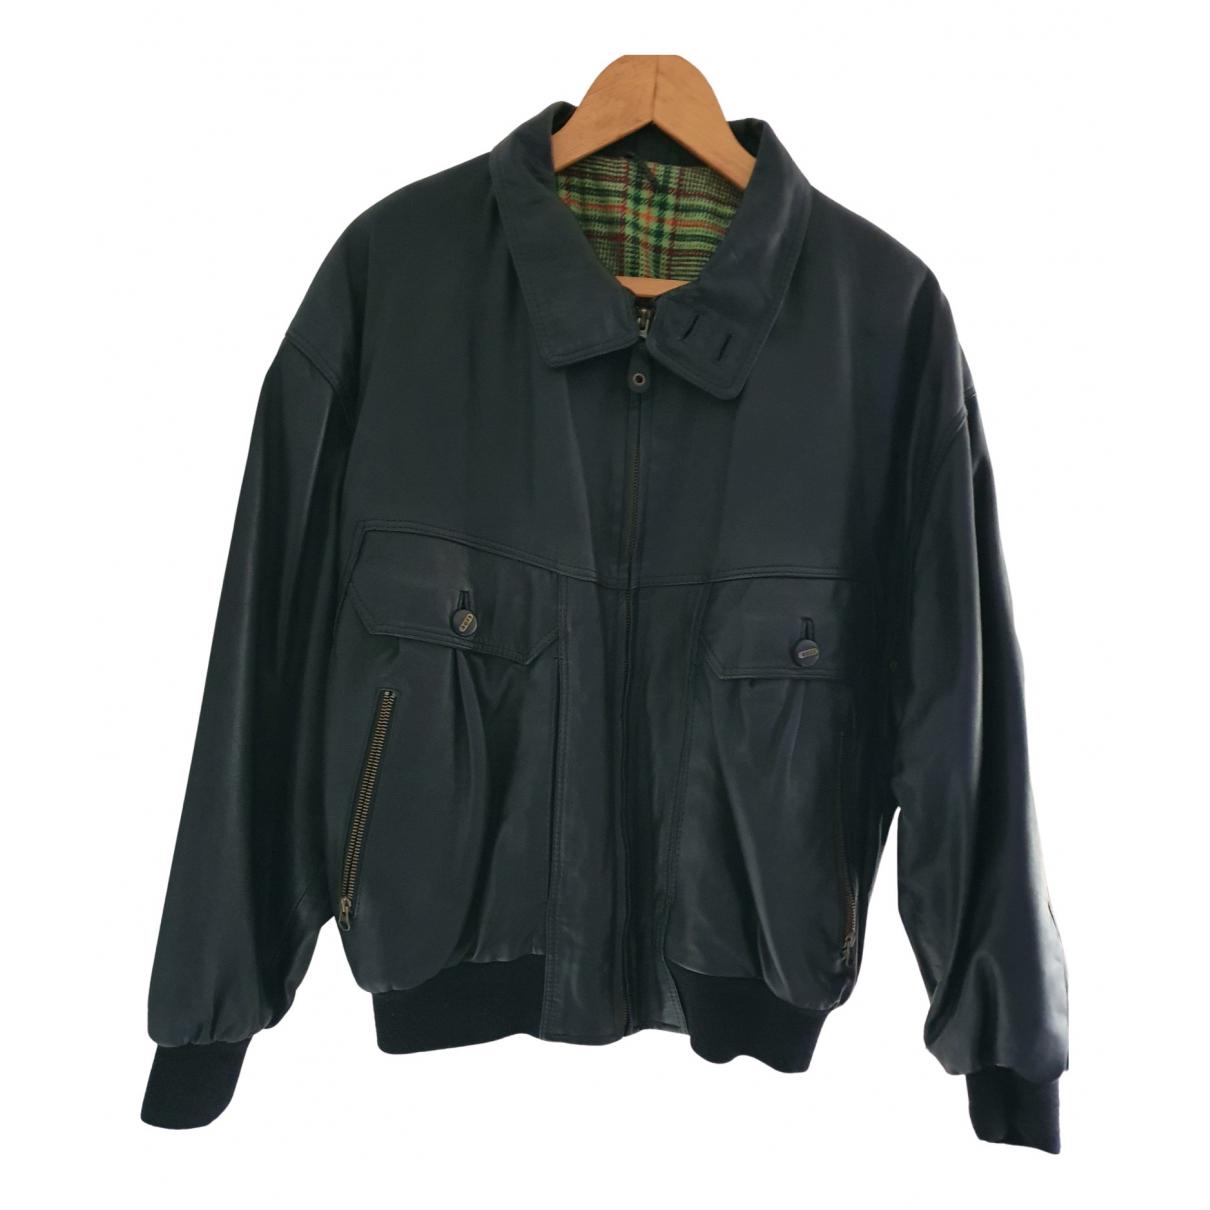 Boss - Manteau   pour homme en cuir - noir